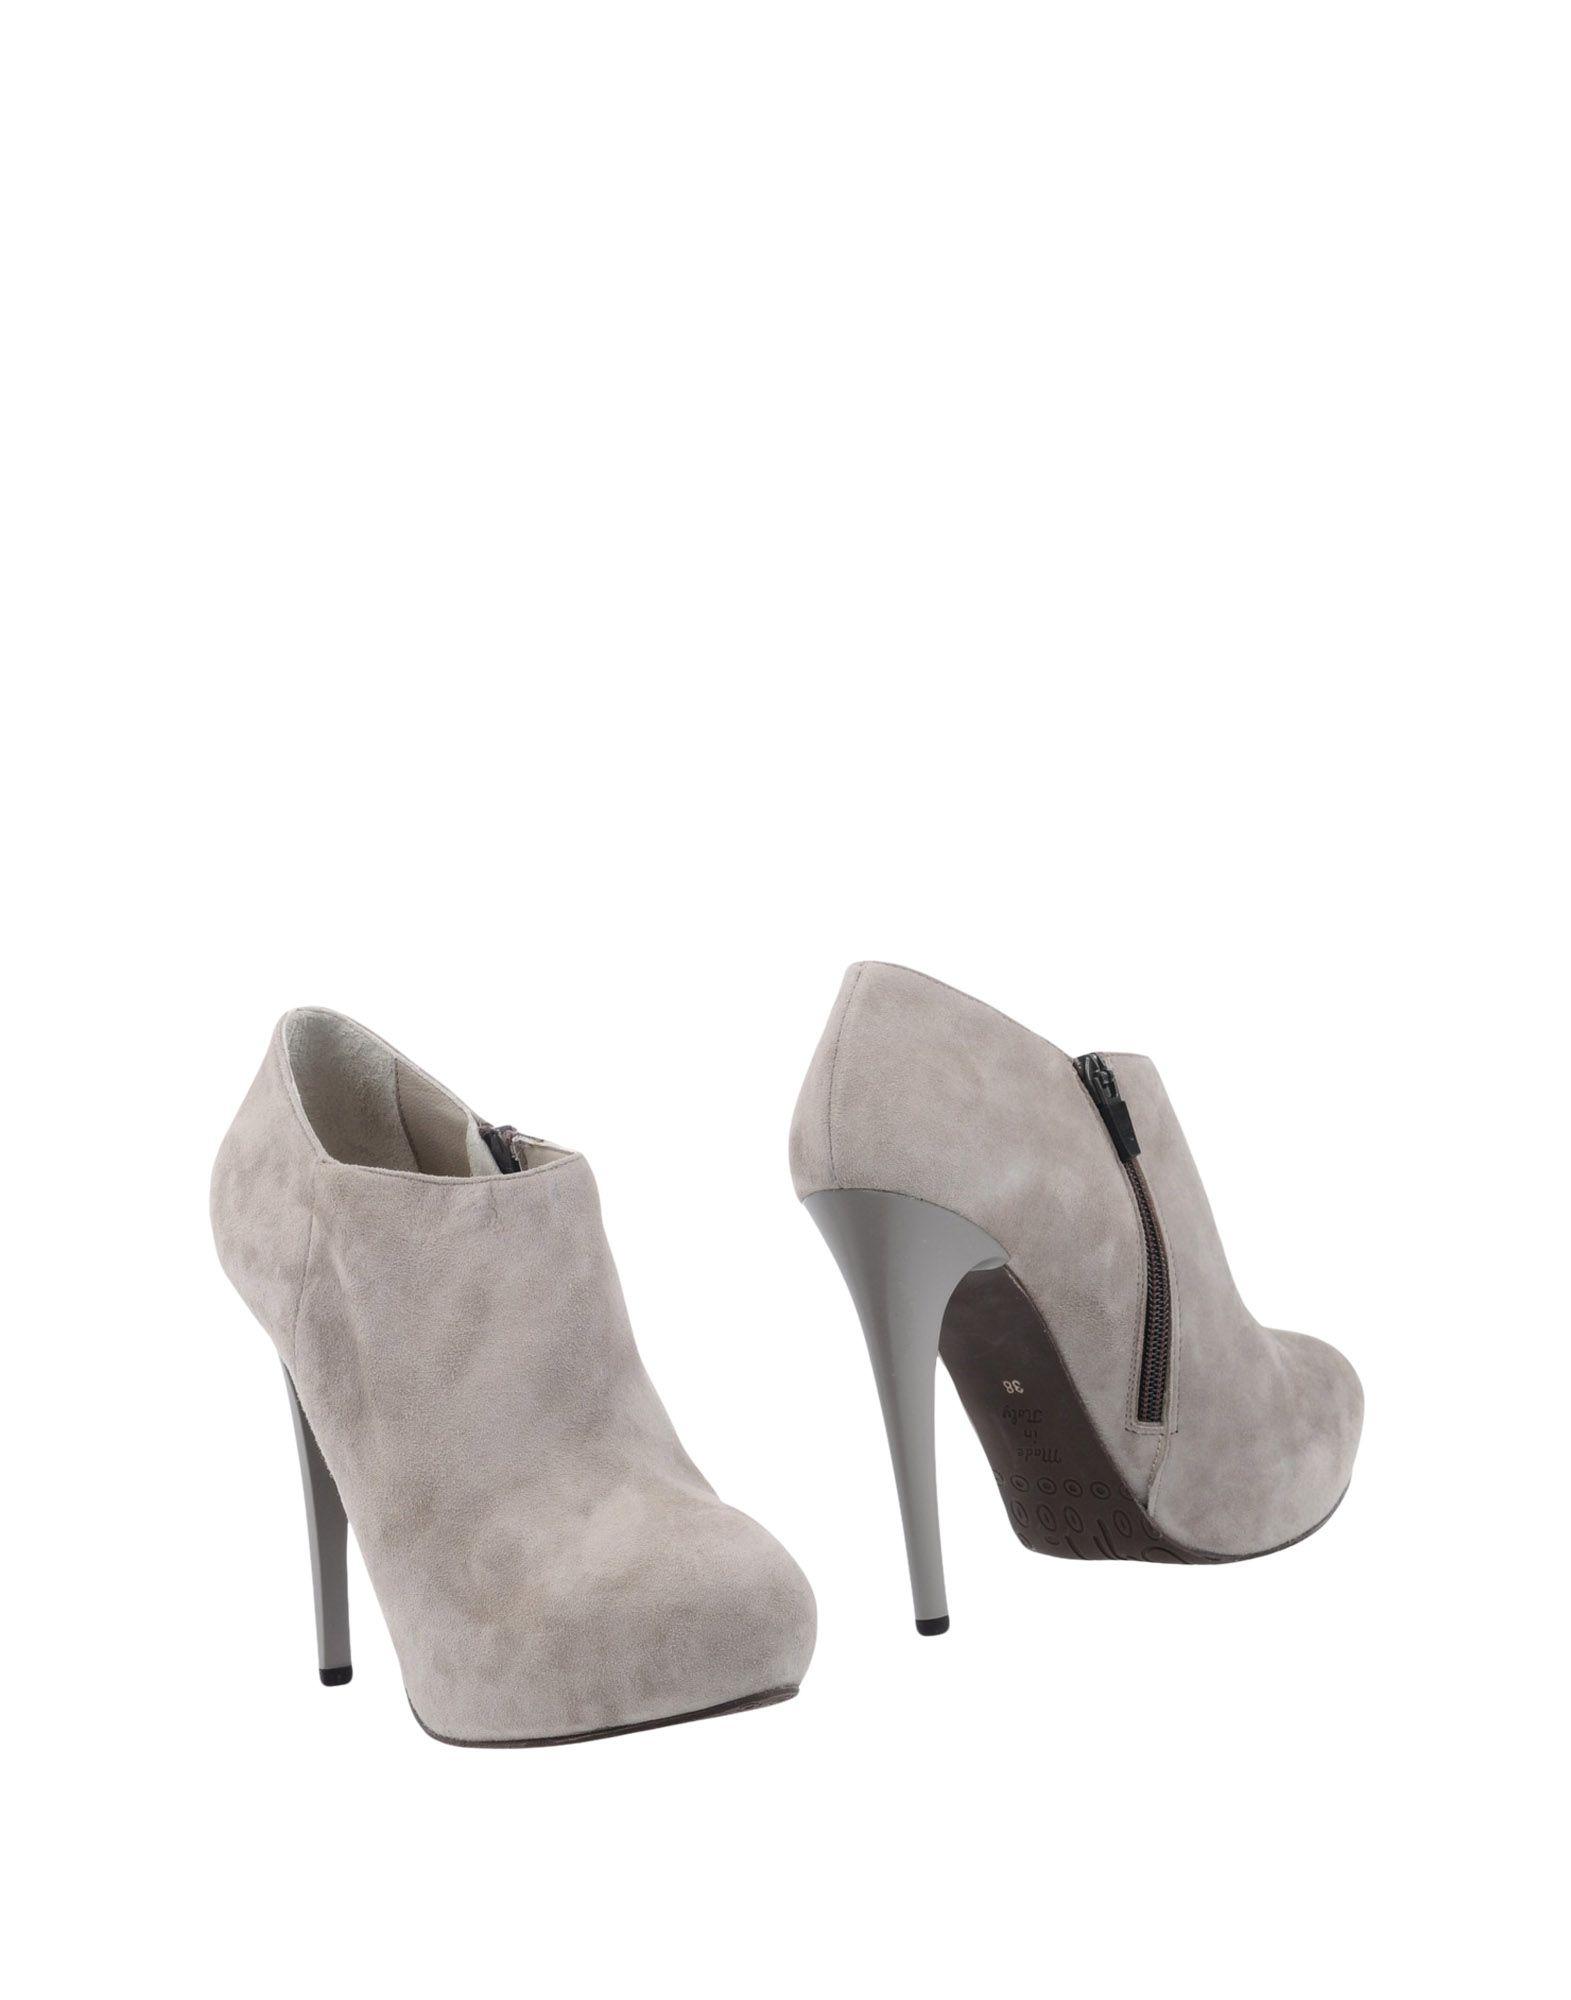 Sgn Giancarlo Paoli Stiefelette Damen  11262675IW Gute Qualität beliebte Schuhe